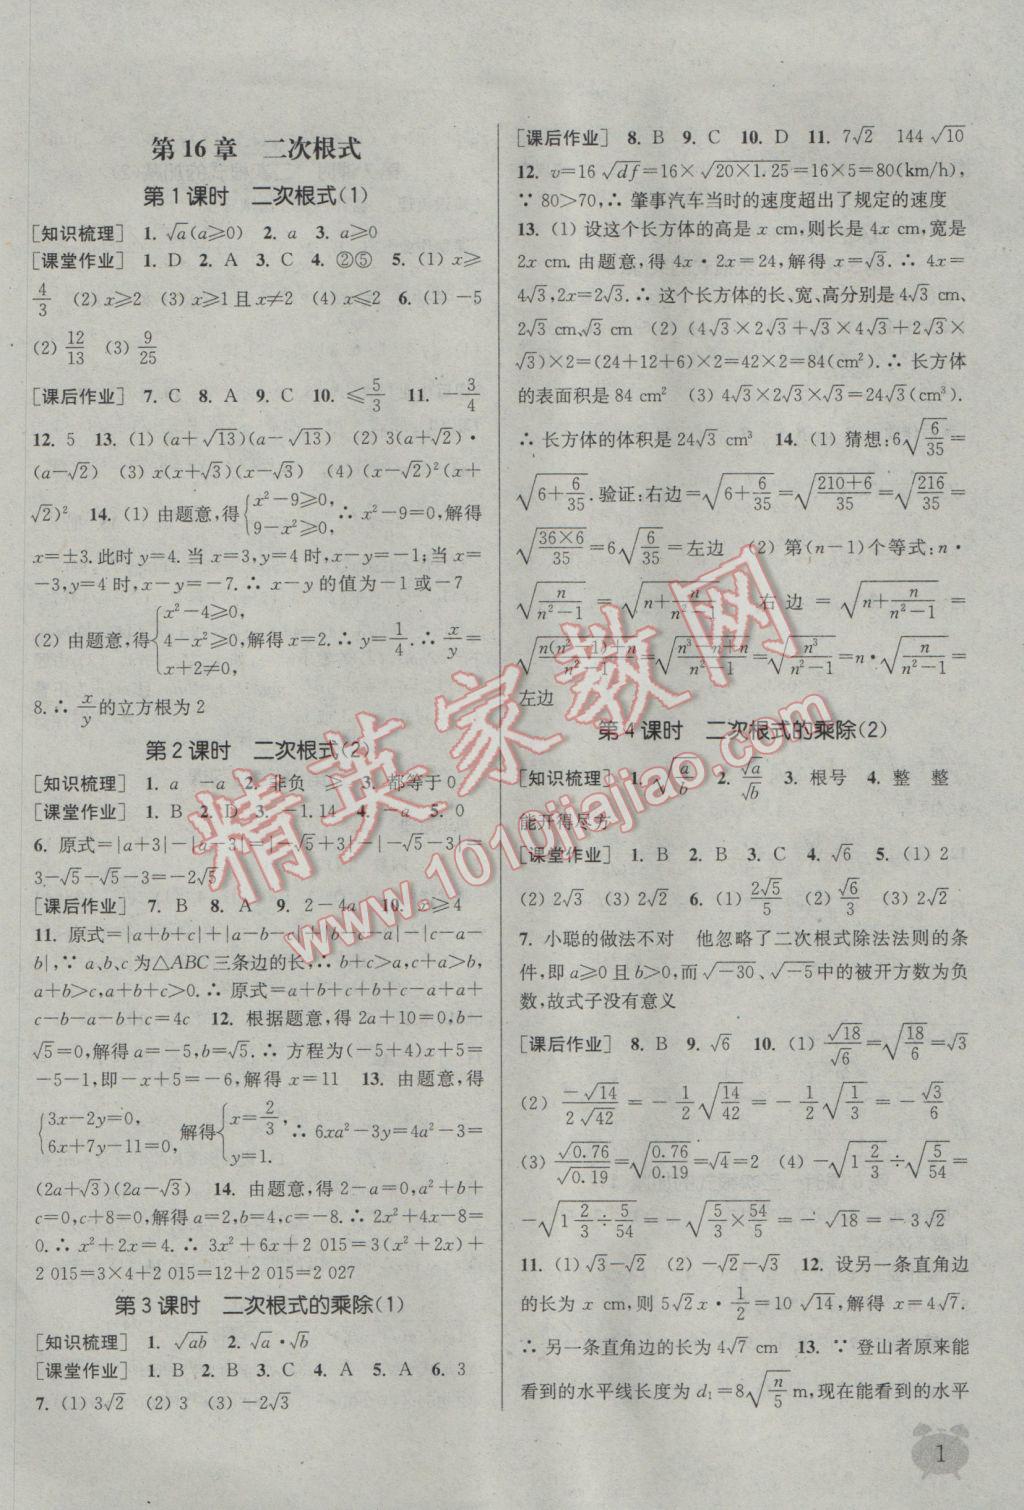 2017年通城学典课时作业本八年级数学下册沪科版参考答案第1页